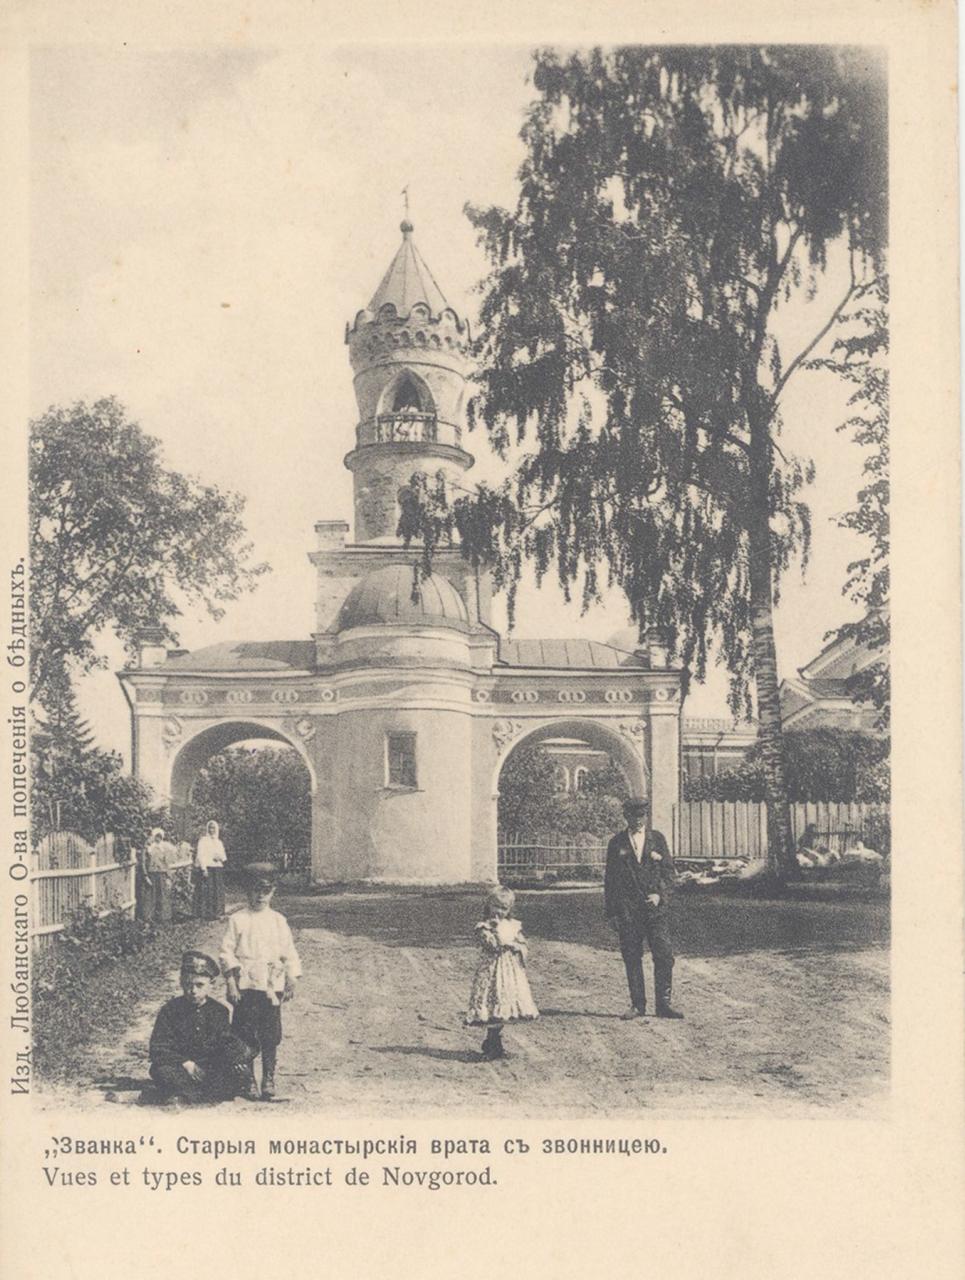 Окрестности Новгорода. «Званка». Старые монастырские врата со звонницей